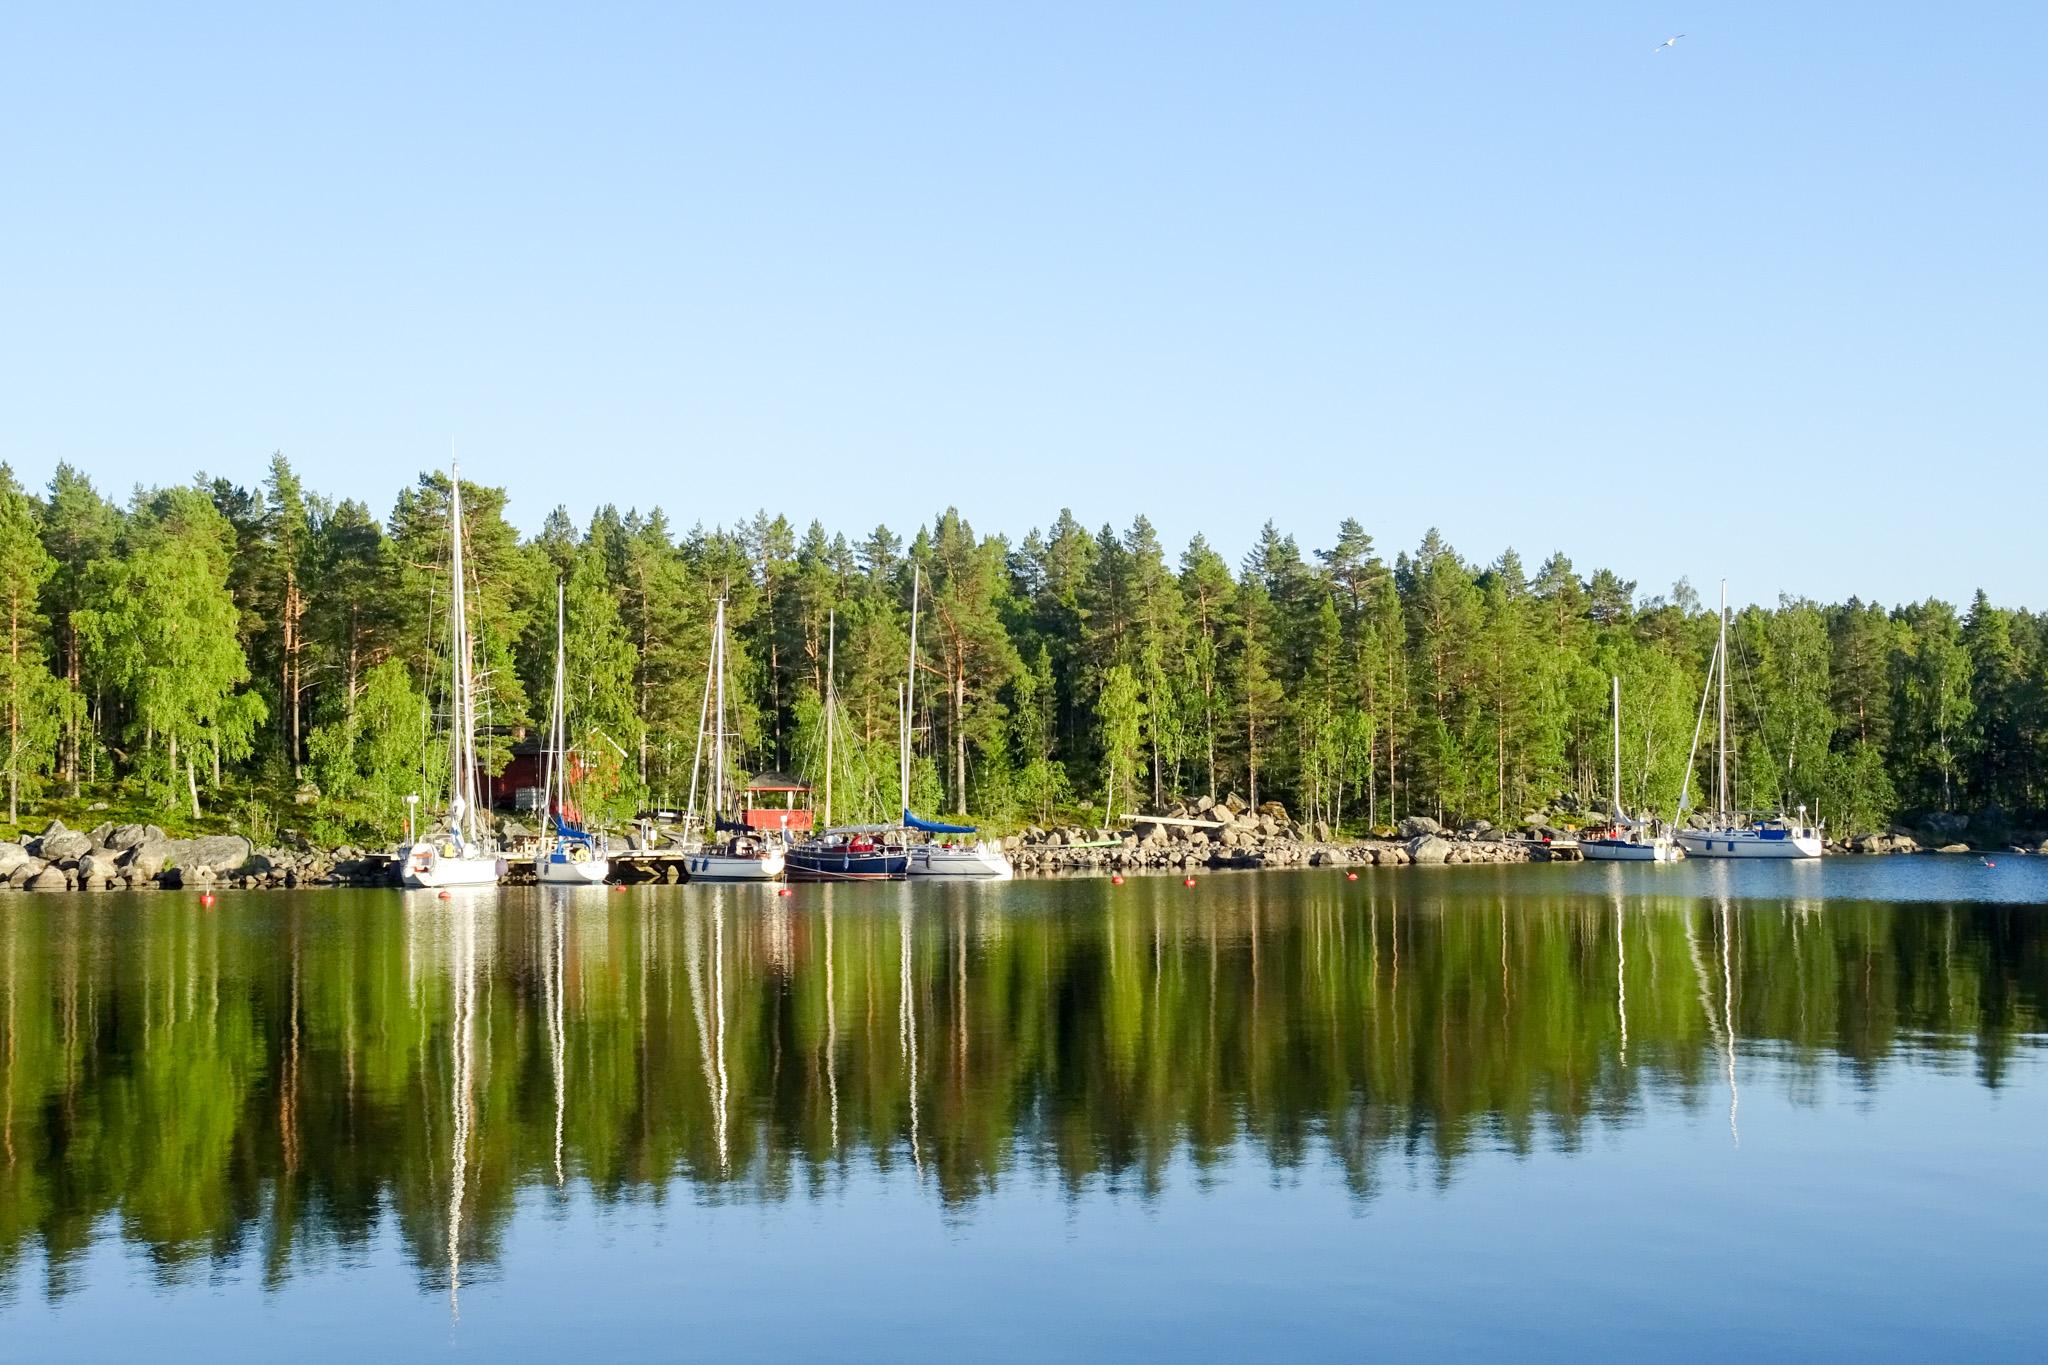 Außenanlage eines Finnischen Segelclubs